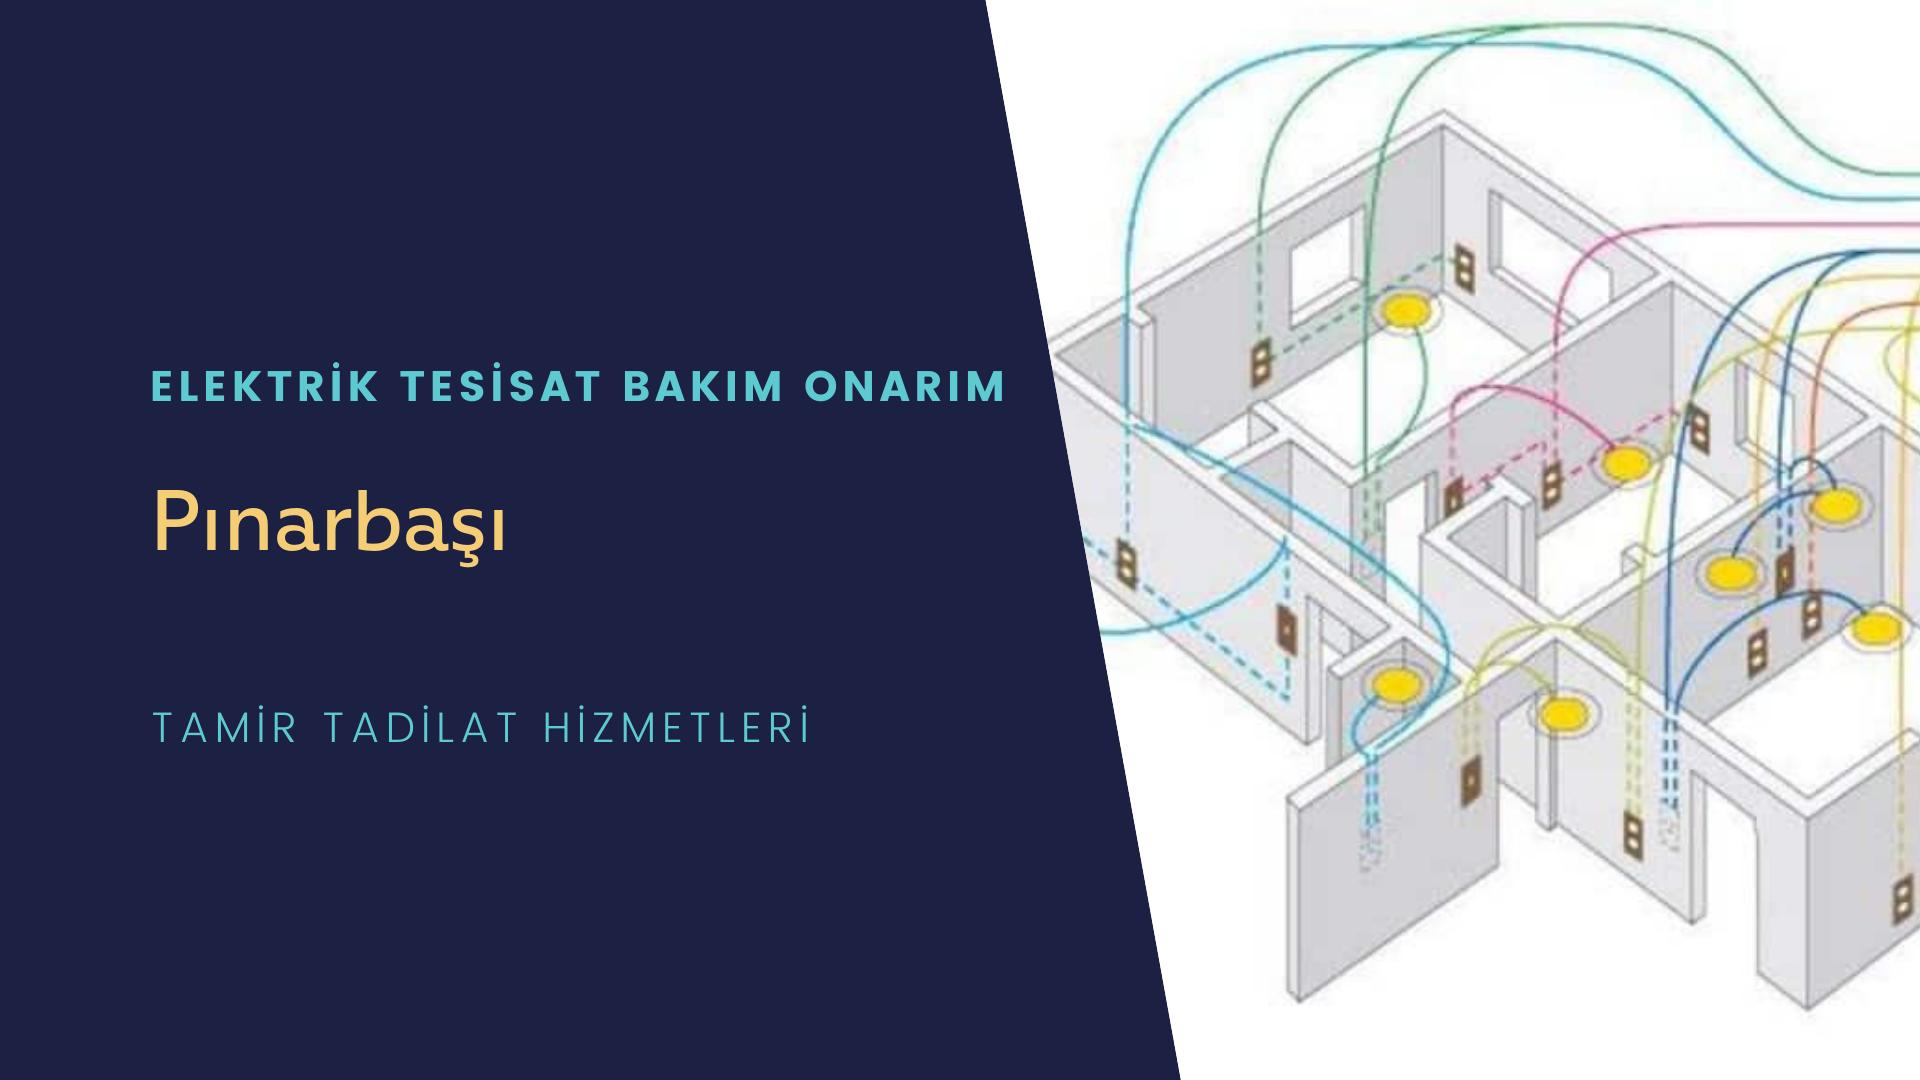 Pınarbaşı   elektrik tesisatıustalarımı arıyorsunuz doğru adrestenizi Pınarbaşı  elektrik tesisatı ustalarımız 7/24 sizlere hizmet vermekten mutluluk duyar.